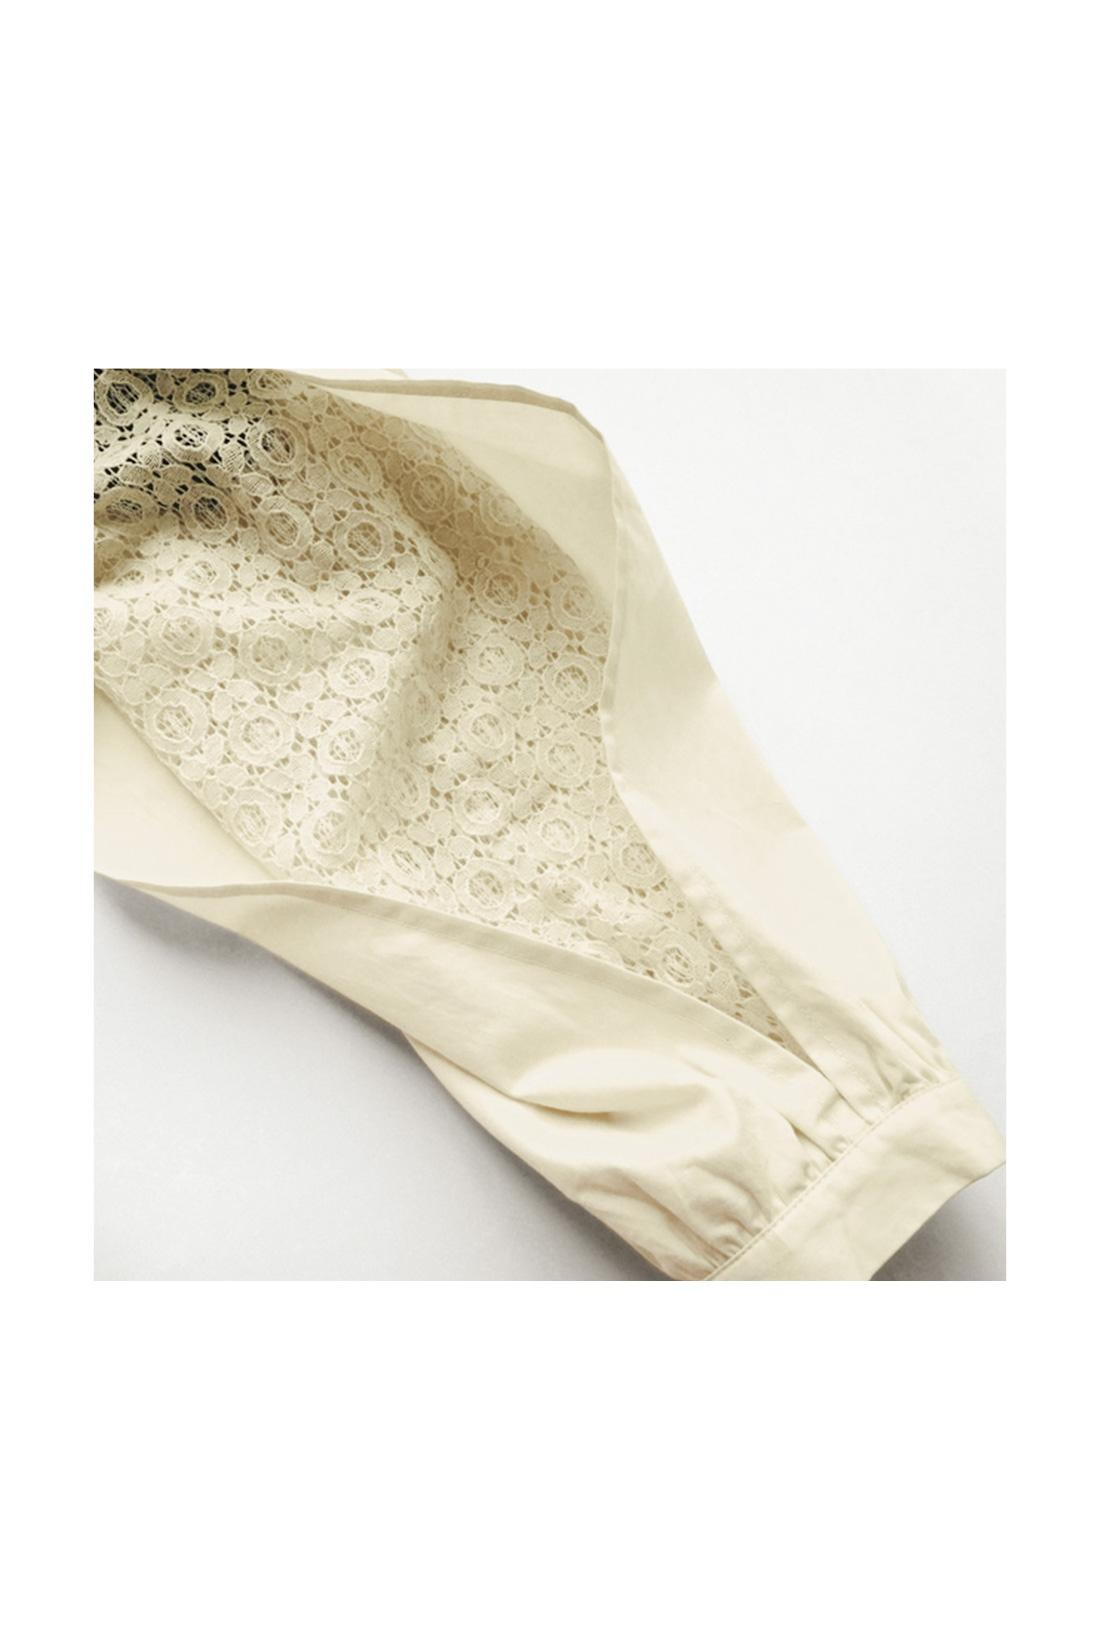 スリットの入った袖の内側にレースの袖がくっついているような構造です。